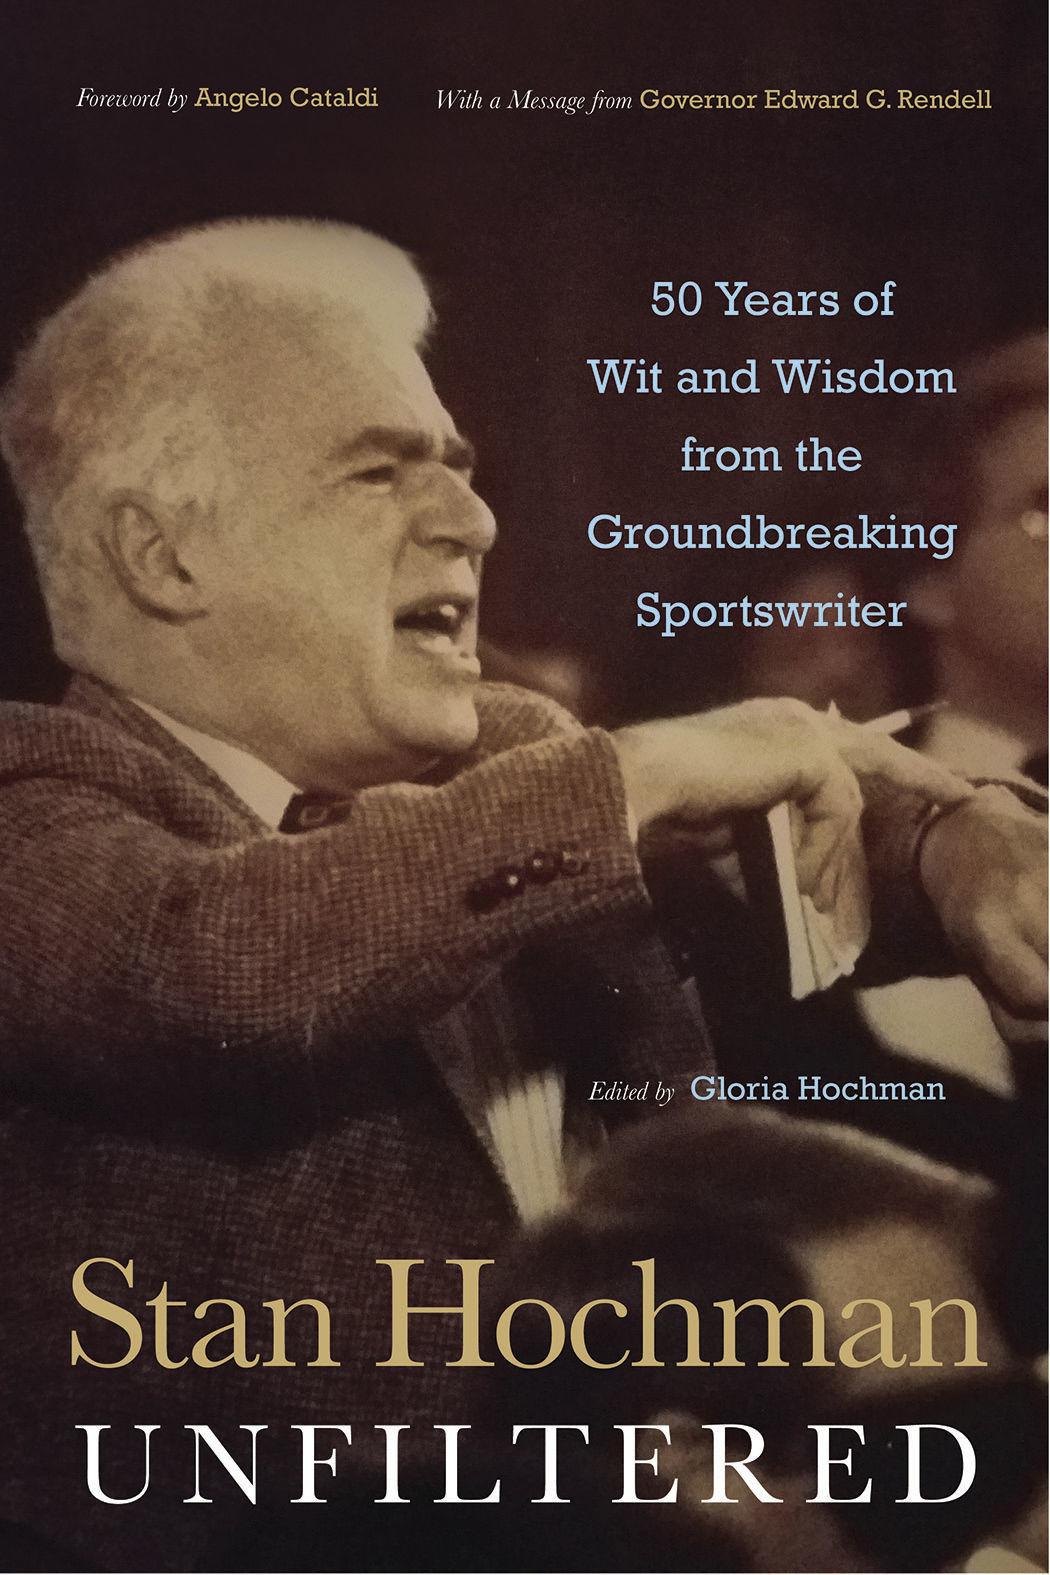 Stan Hochman UNFILTERED